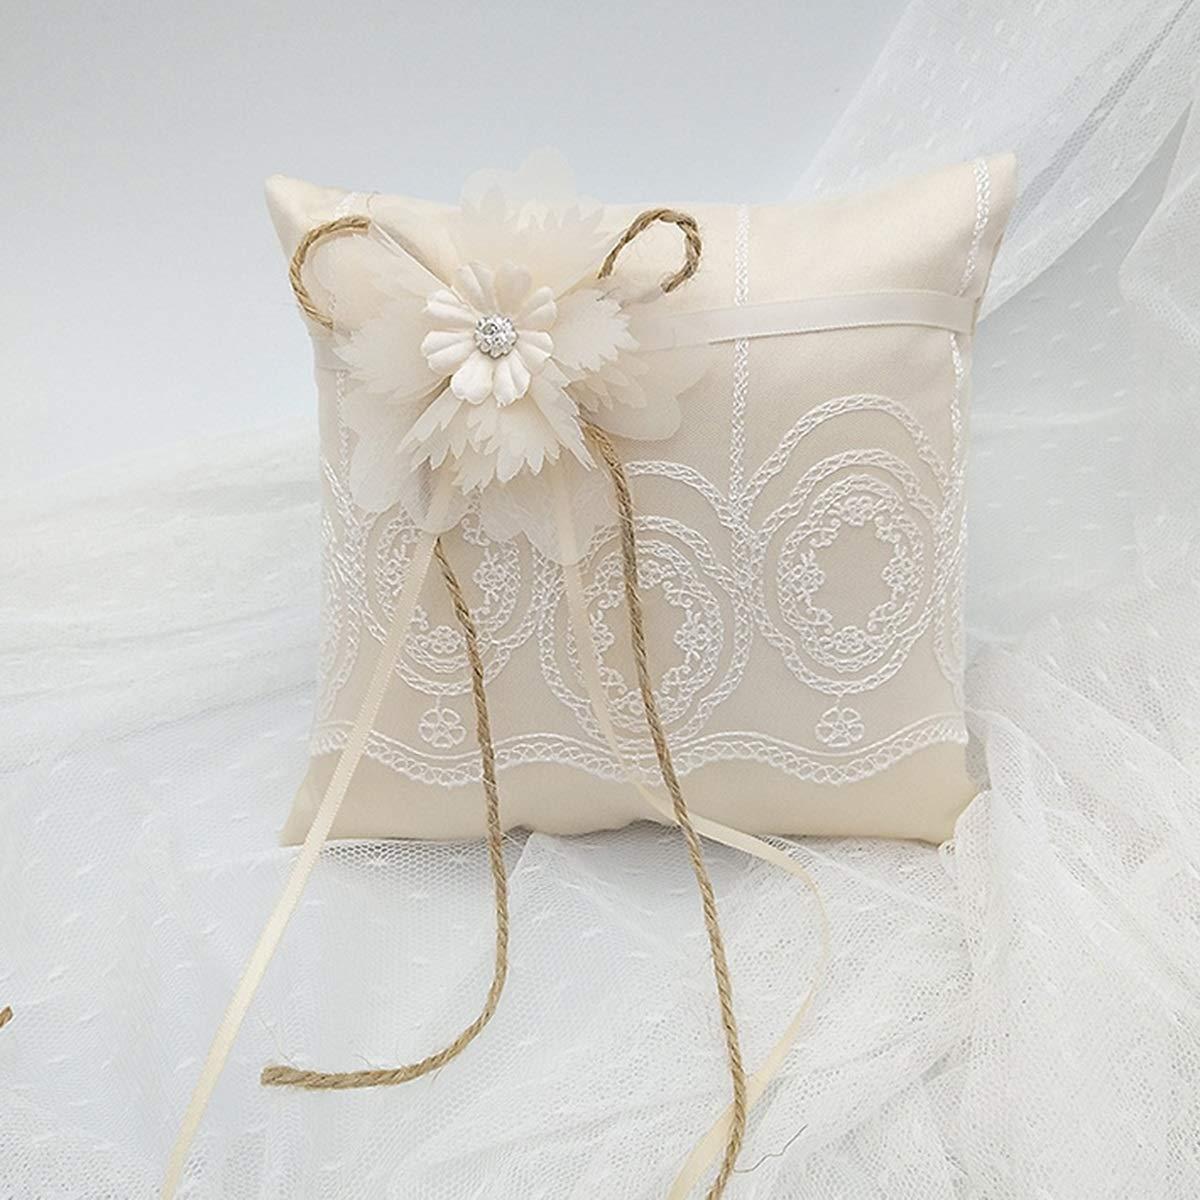 HaiQianXin Coj/ín de Anillo de Encaje Floral Ceremonia Nupcial de la Boda Portador de Bolsillo Coj/ín de Almohada con Cinta